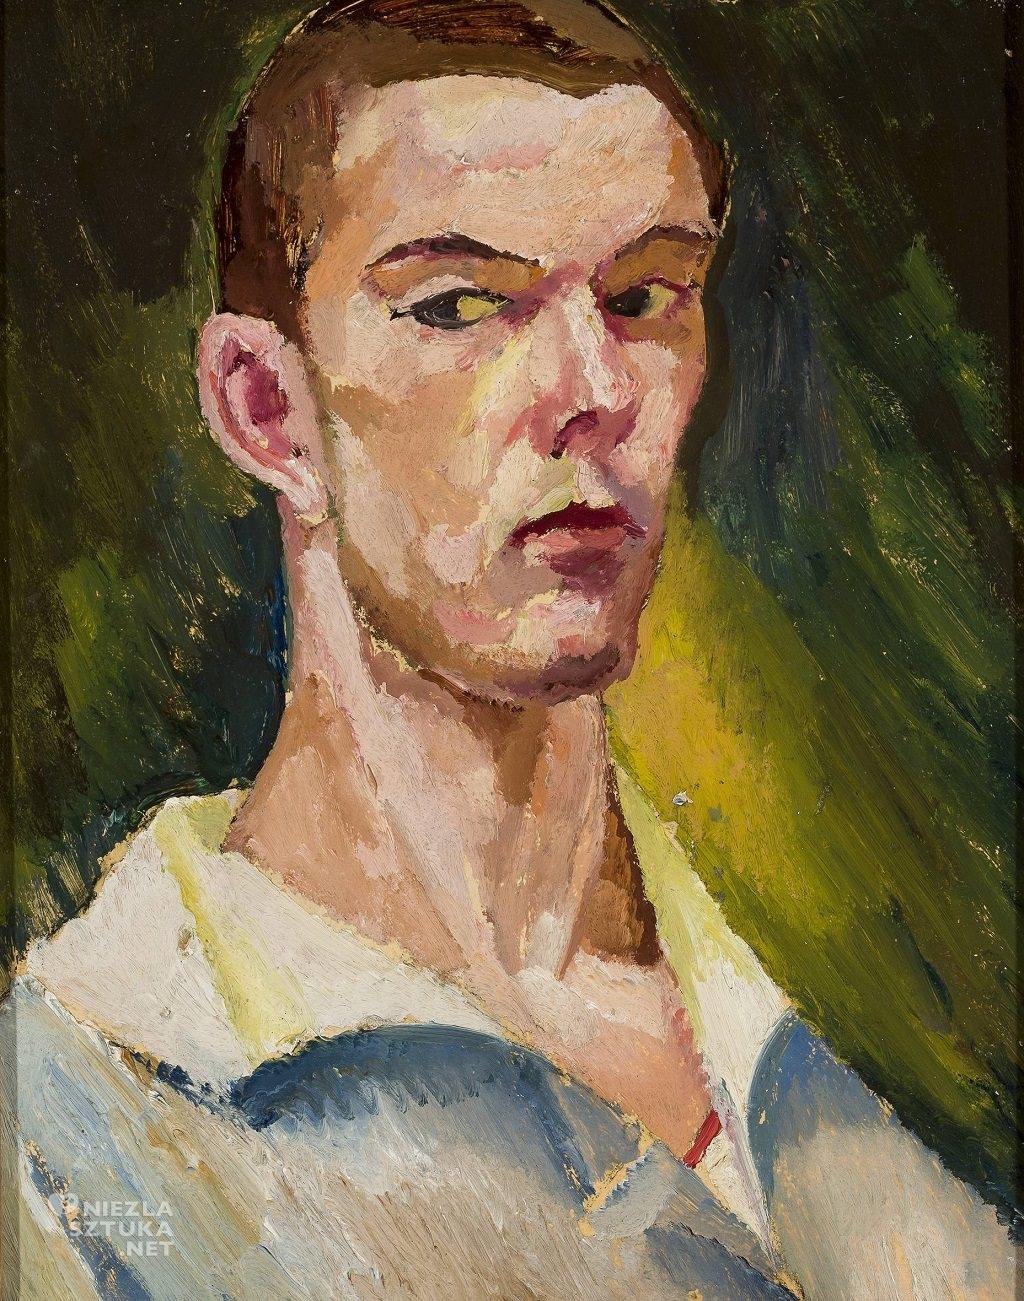 Zygmunt Waliszewski, Autoportret kubizujący | 1914-18, Muzeum Narodowe w Warszawie